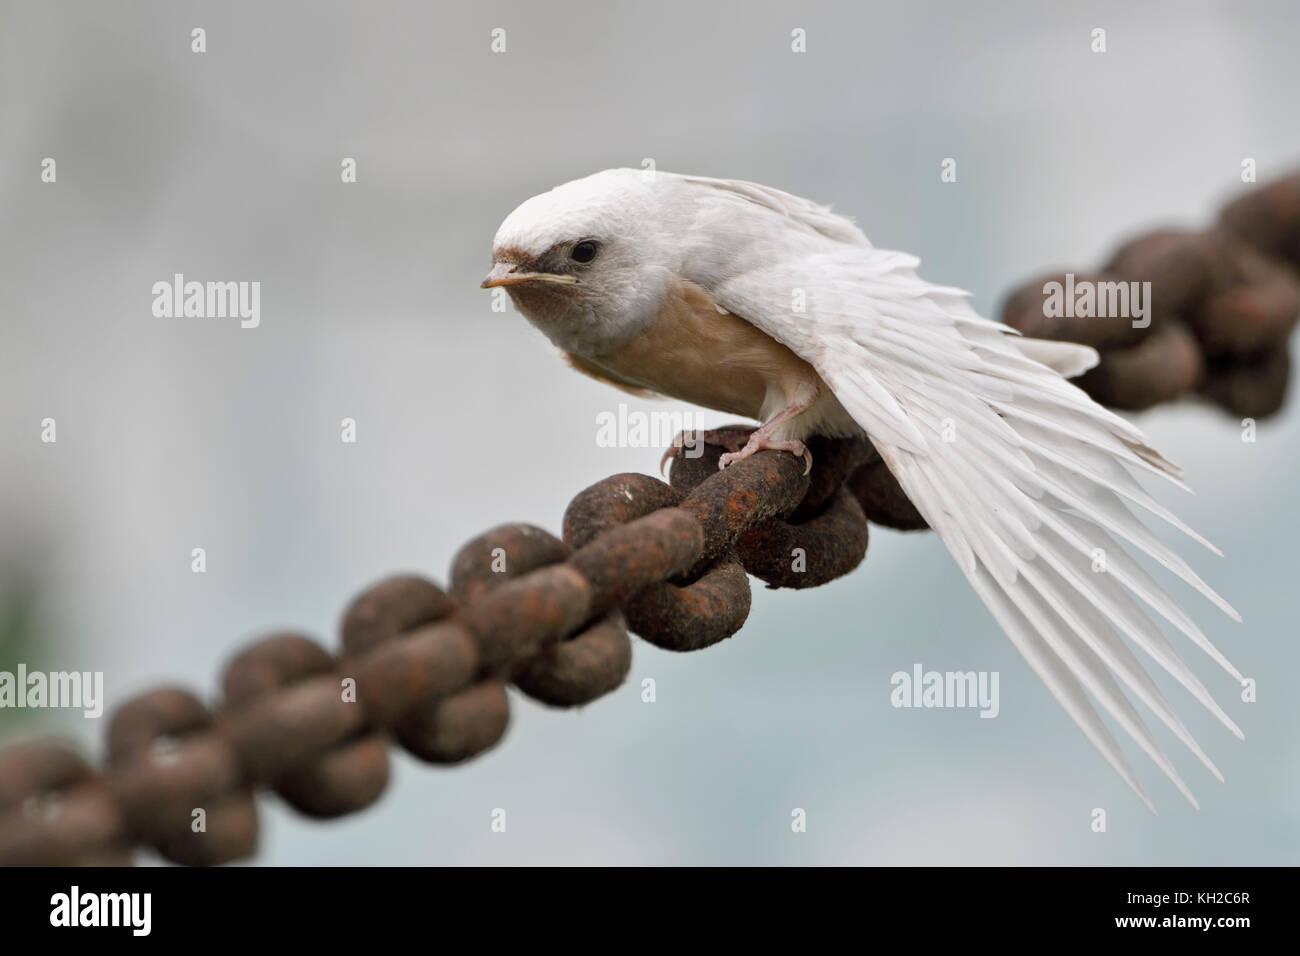 Barn Swallow ( Hirundo rustica ), fledged, rare pigment defect, white plumage, leucistic, leucism, perched on massive - Stock Image